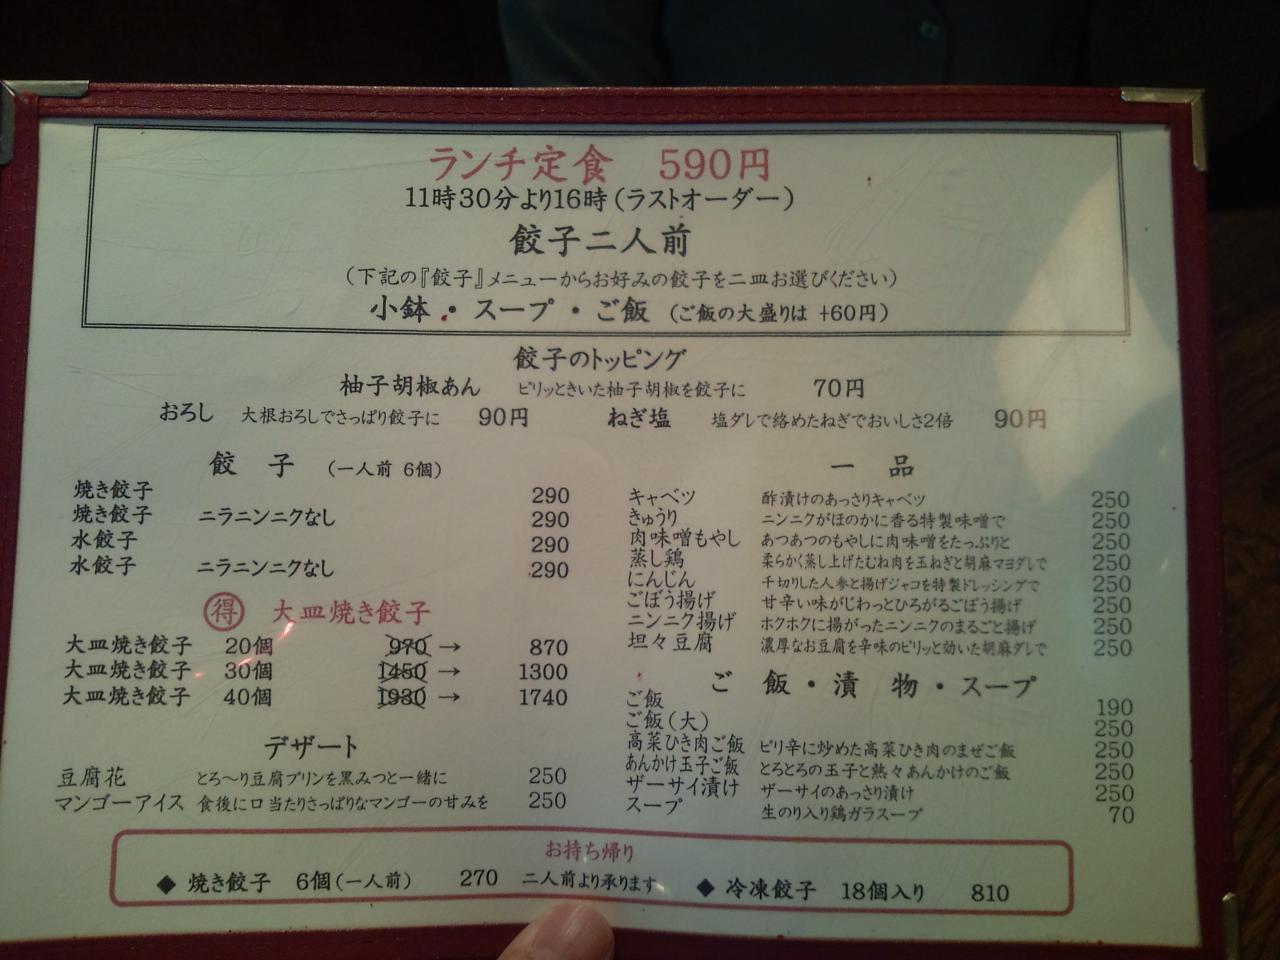 餃子の福包中目黒店(メニュー)